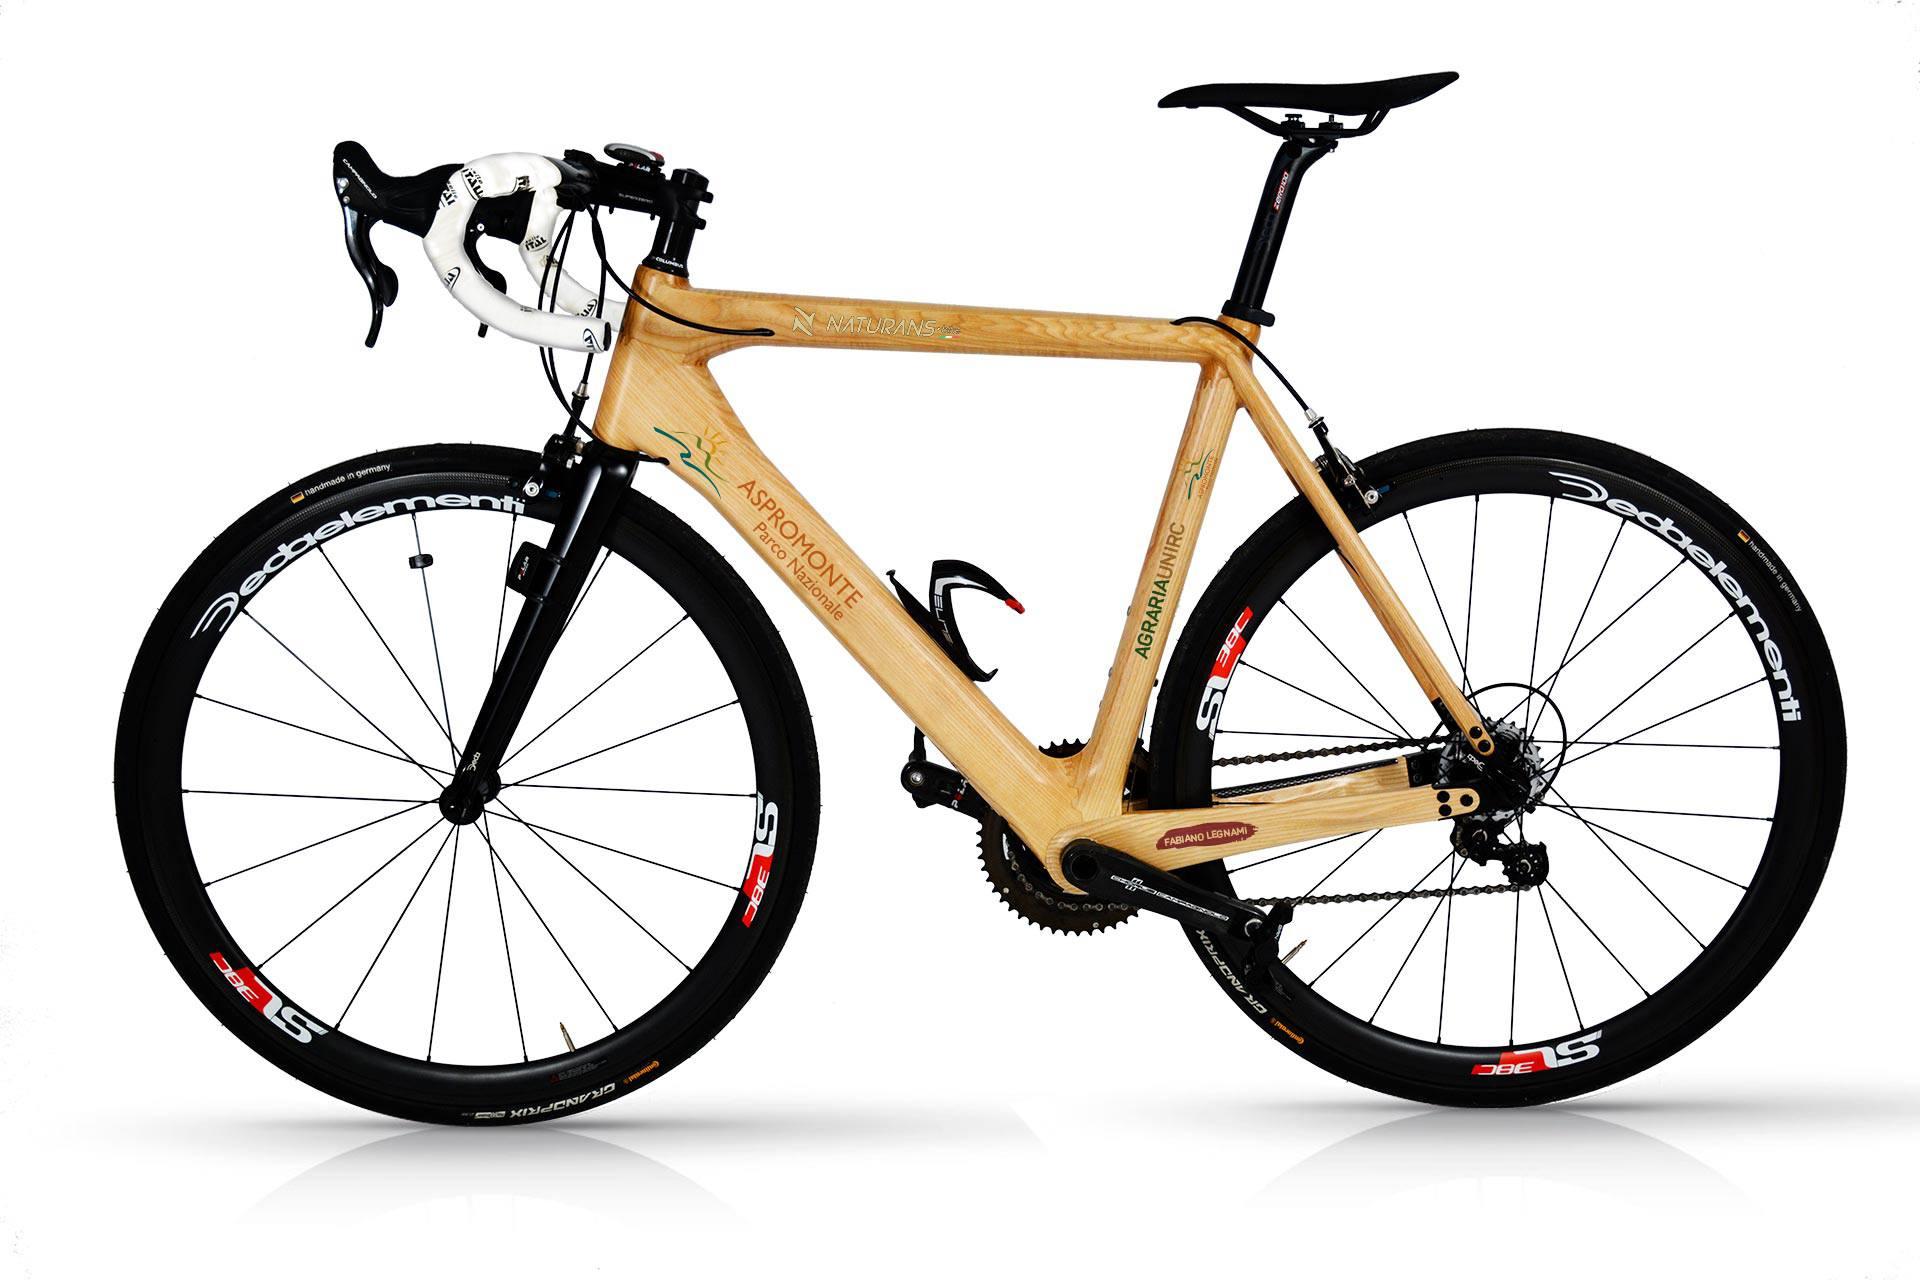 La bicicletta di legno costruita con il Castagno dell'Aspromonte